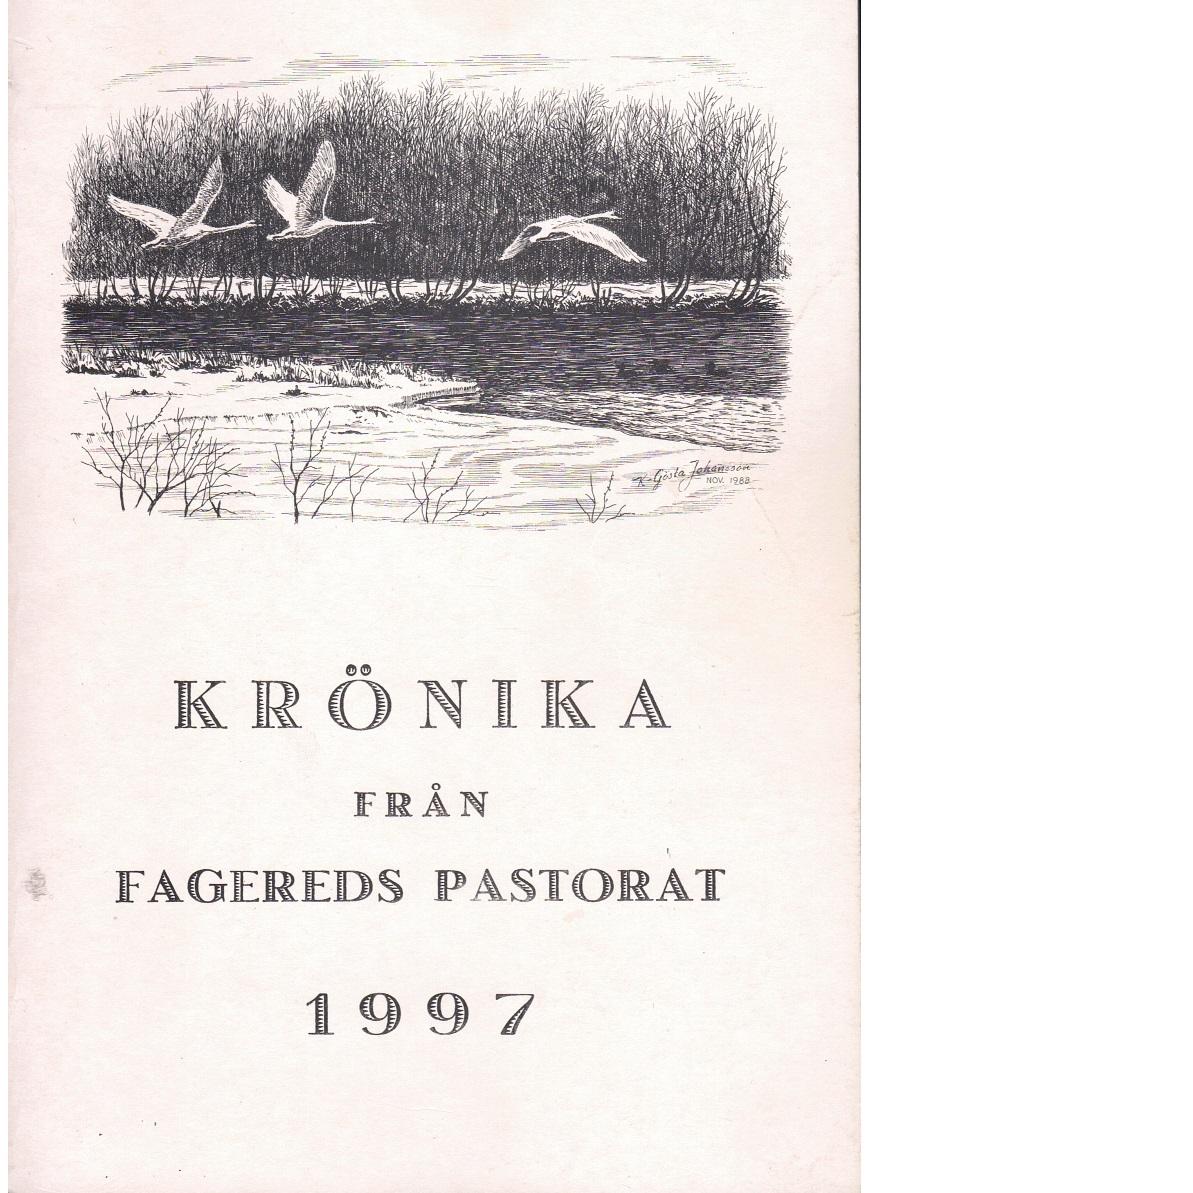 Krönika från Fagereds pastorat 1997 - Red.